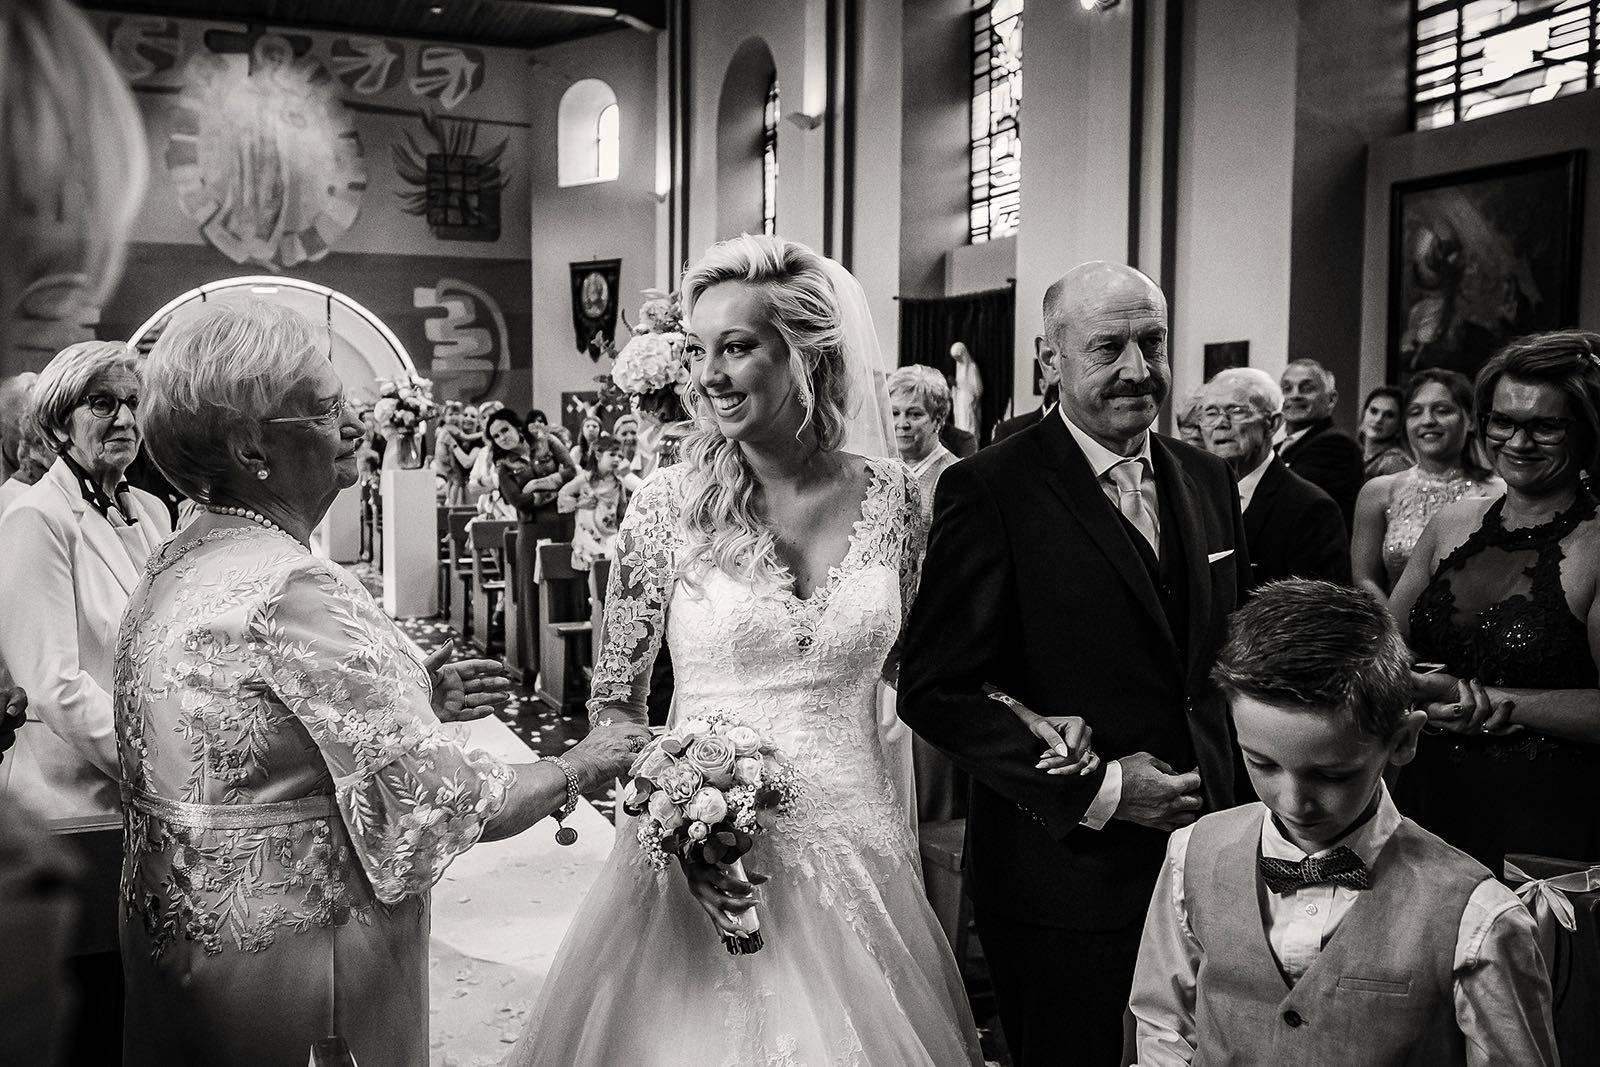 Wondermooi - Trouwfotograaf - Huwelijksfotograaf - Fotograaf - House of Weddings - 11